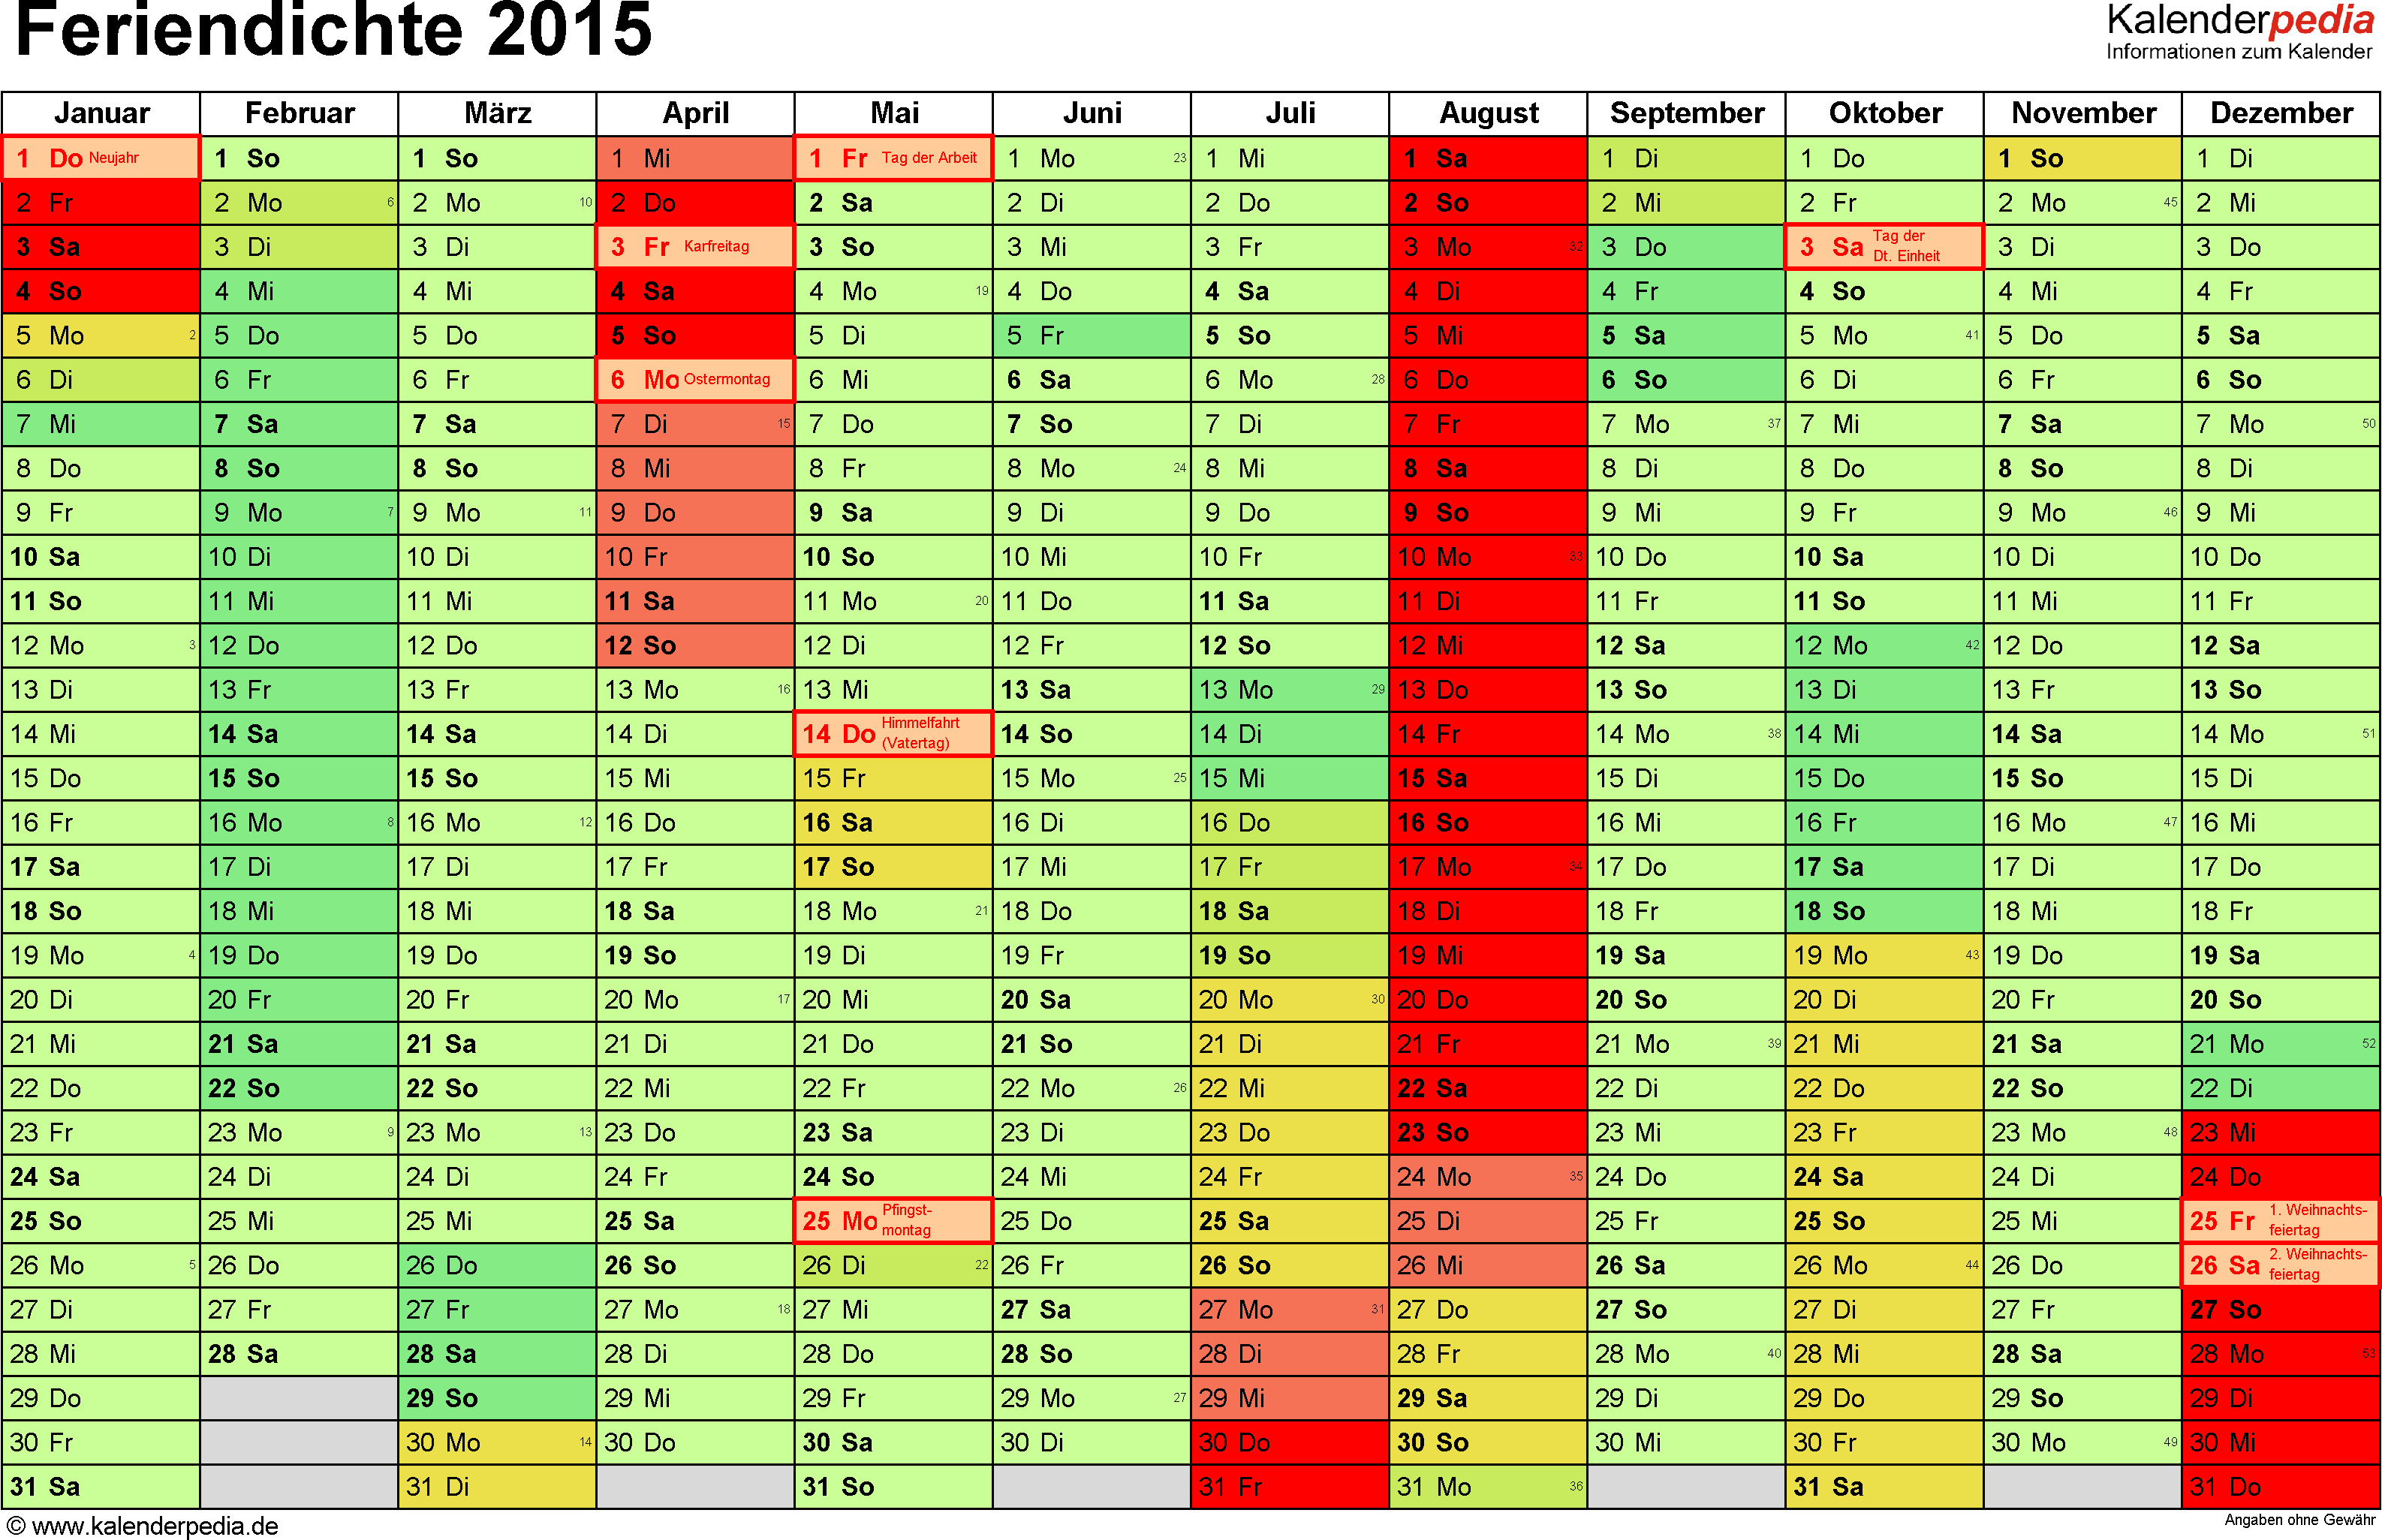 Feriendichte 2015 als Excel- & PDF-Vorlagen zum Download und Ausdrucken